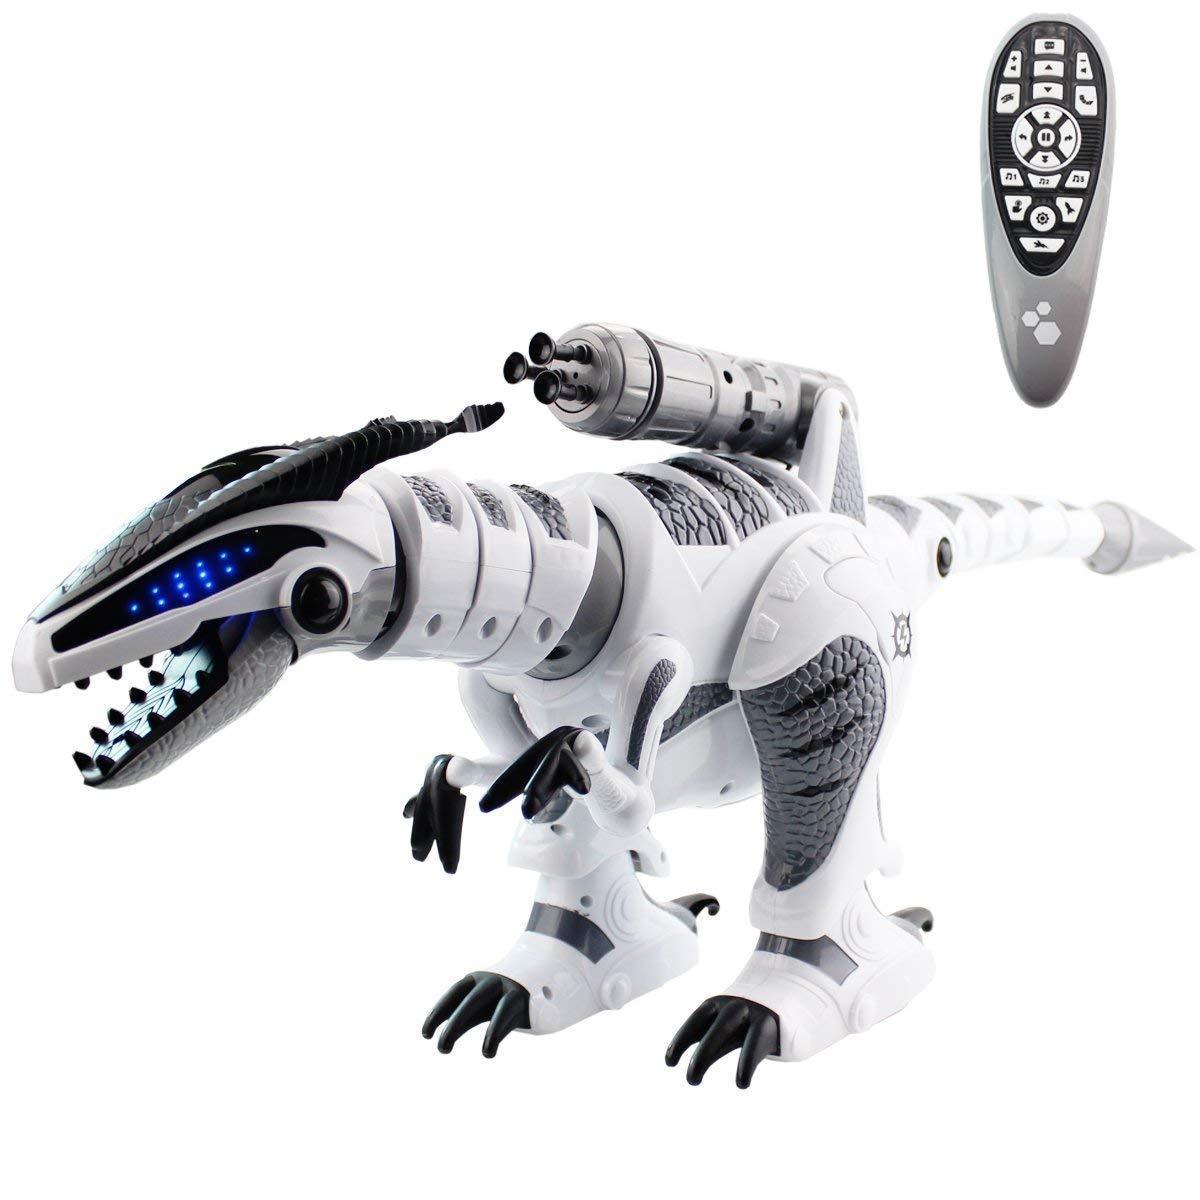 Dinosaure jouets RC Robot Intelligent interactif Intelligent marche danse chantant électronique animaux éducation enfants jouets blanc gris - 2